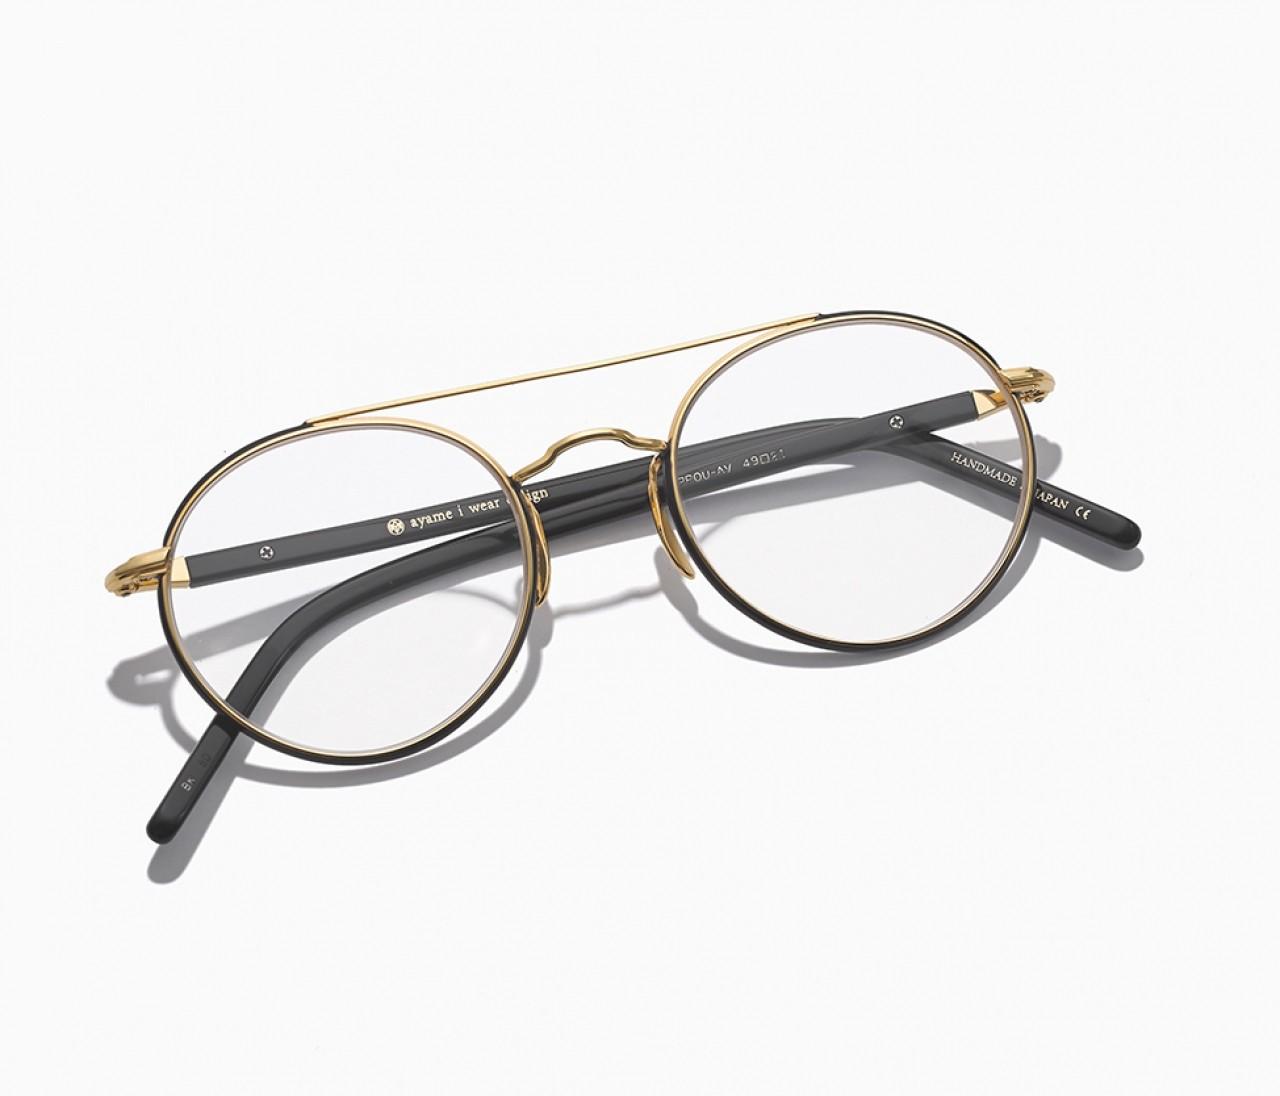 """ayameのメガネで絶妙な抜け感を【""""ちょっと無骨、だけどスタイリッシュ""""なアイテム⑭】"""